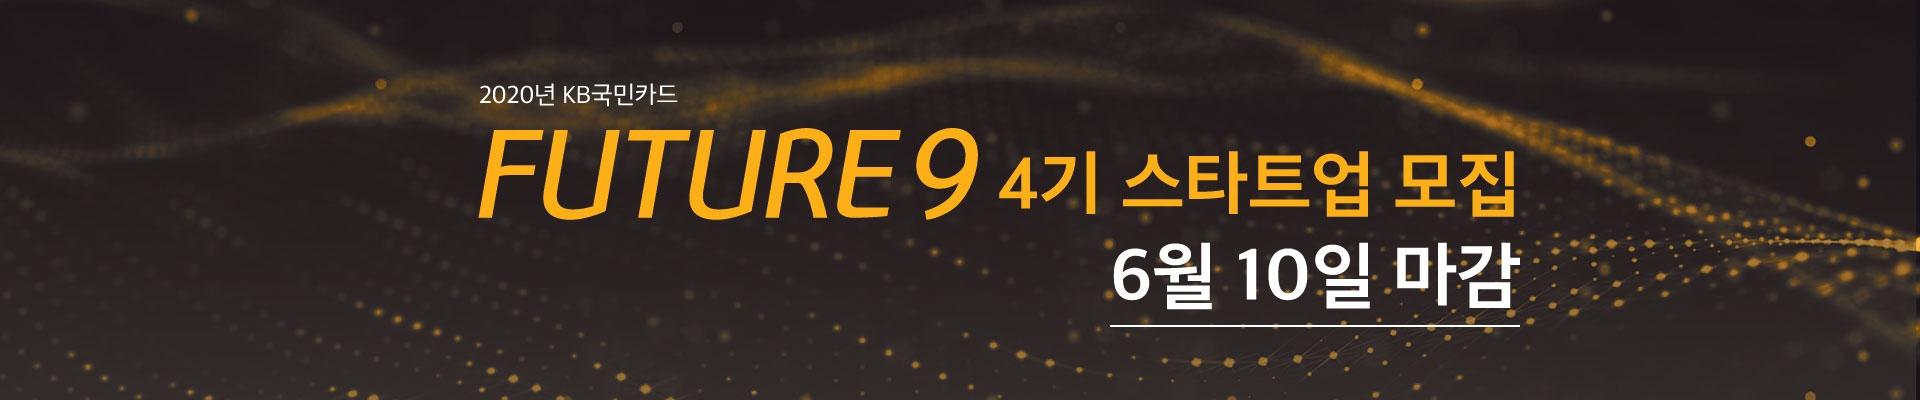 이벤터스_FUTURE9은 KB국민카드가 운영하는 대한민국 대표 오픈 이노베이션 프로그램으로, 국내 혁신적인 스타트업을 선발하여 육성·투자·협업 하고 있습니다.